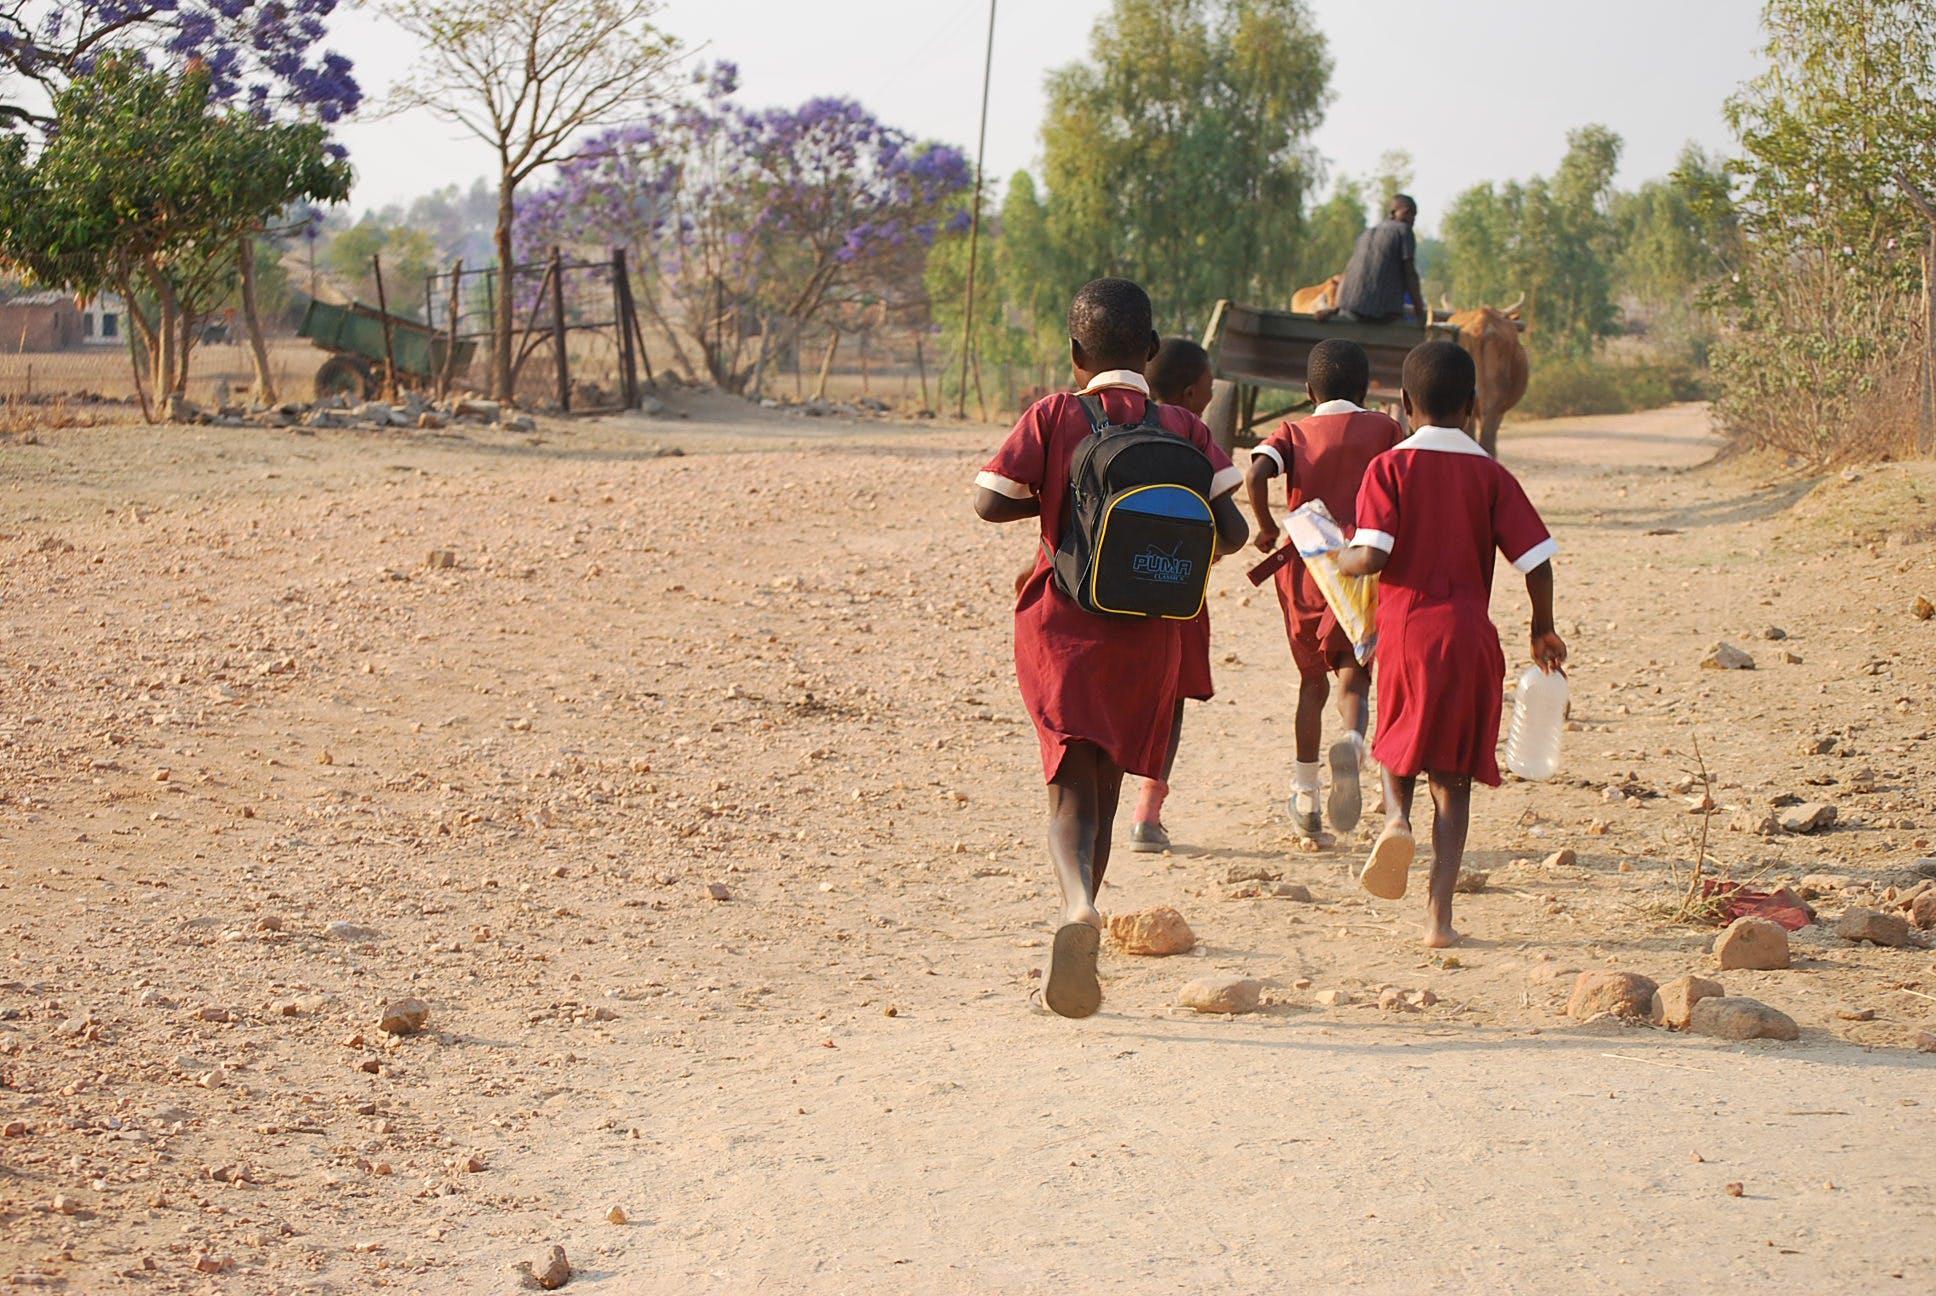 Gratis lagerfoto af jacaranda træ, køer, rygsæk, skolebørn